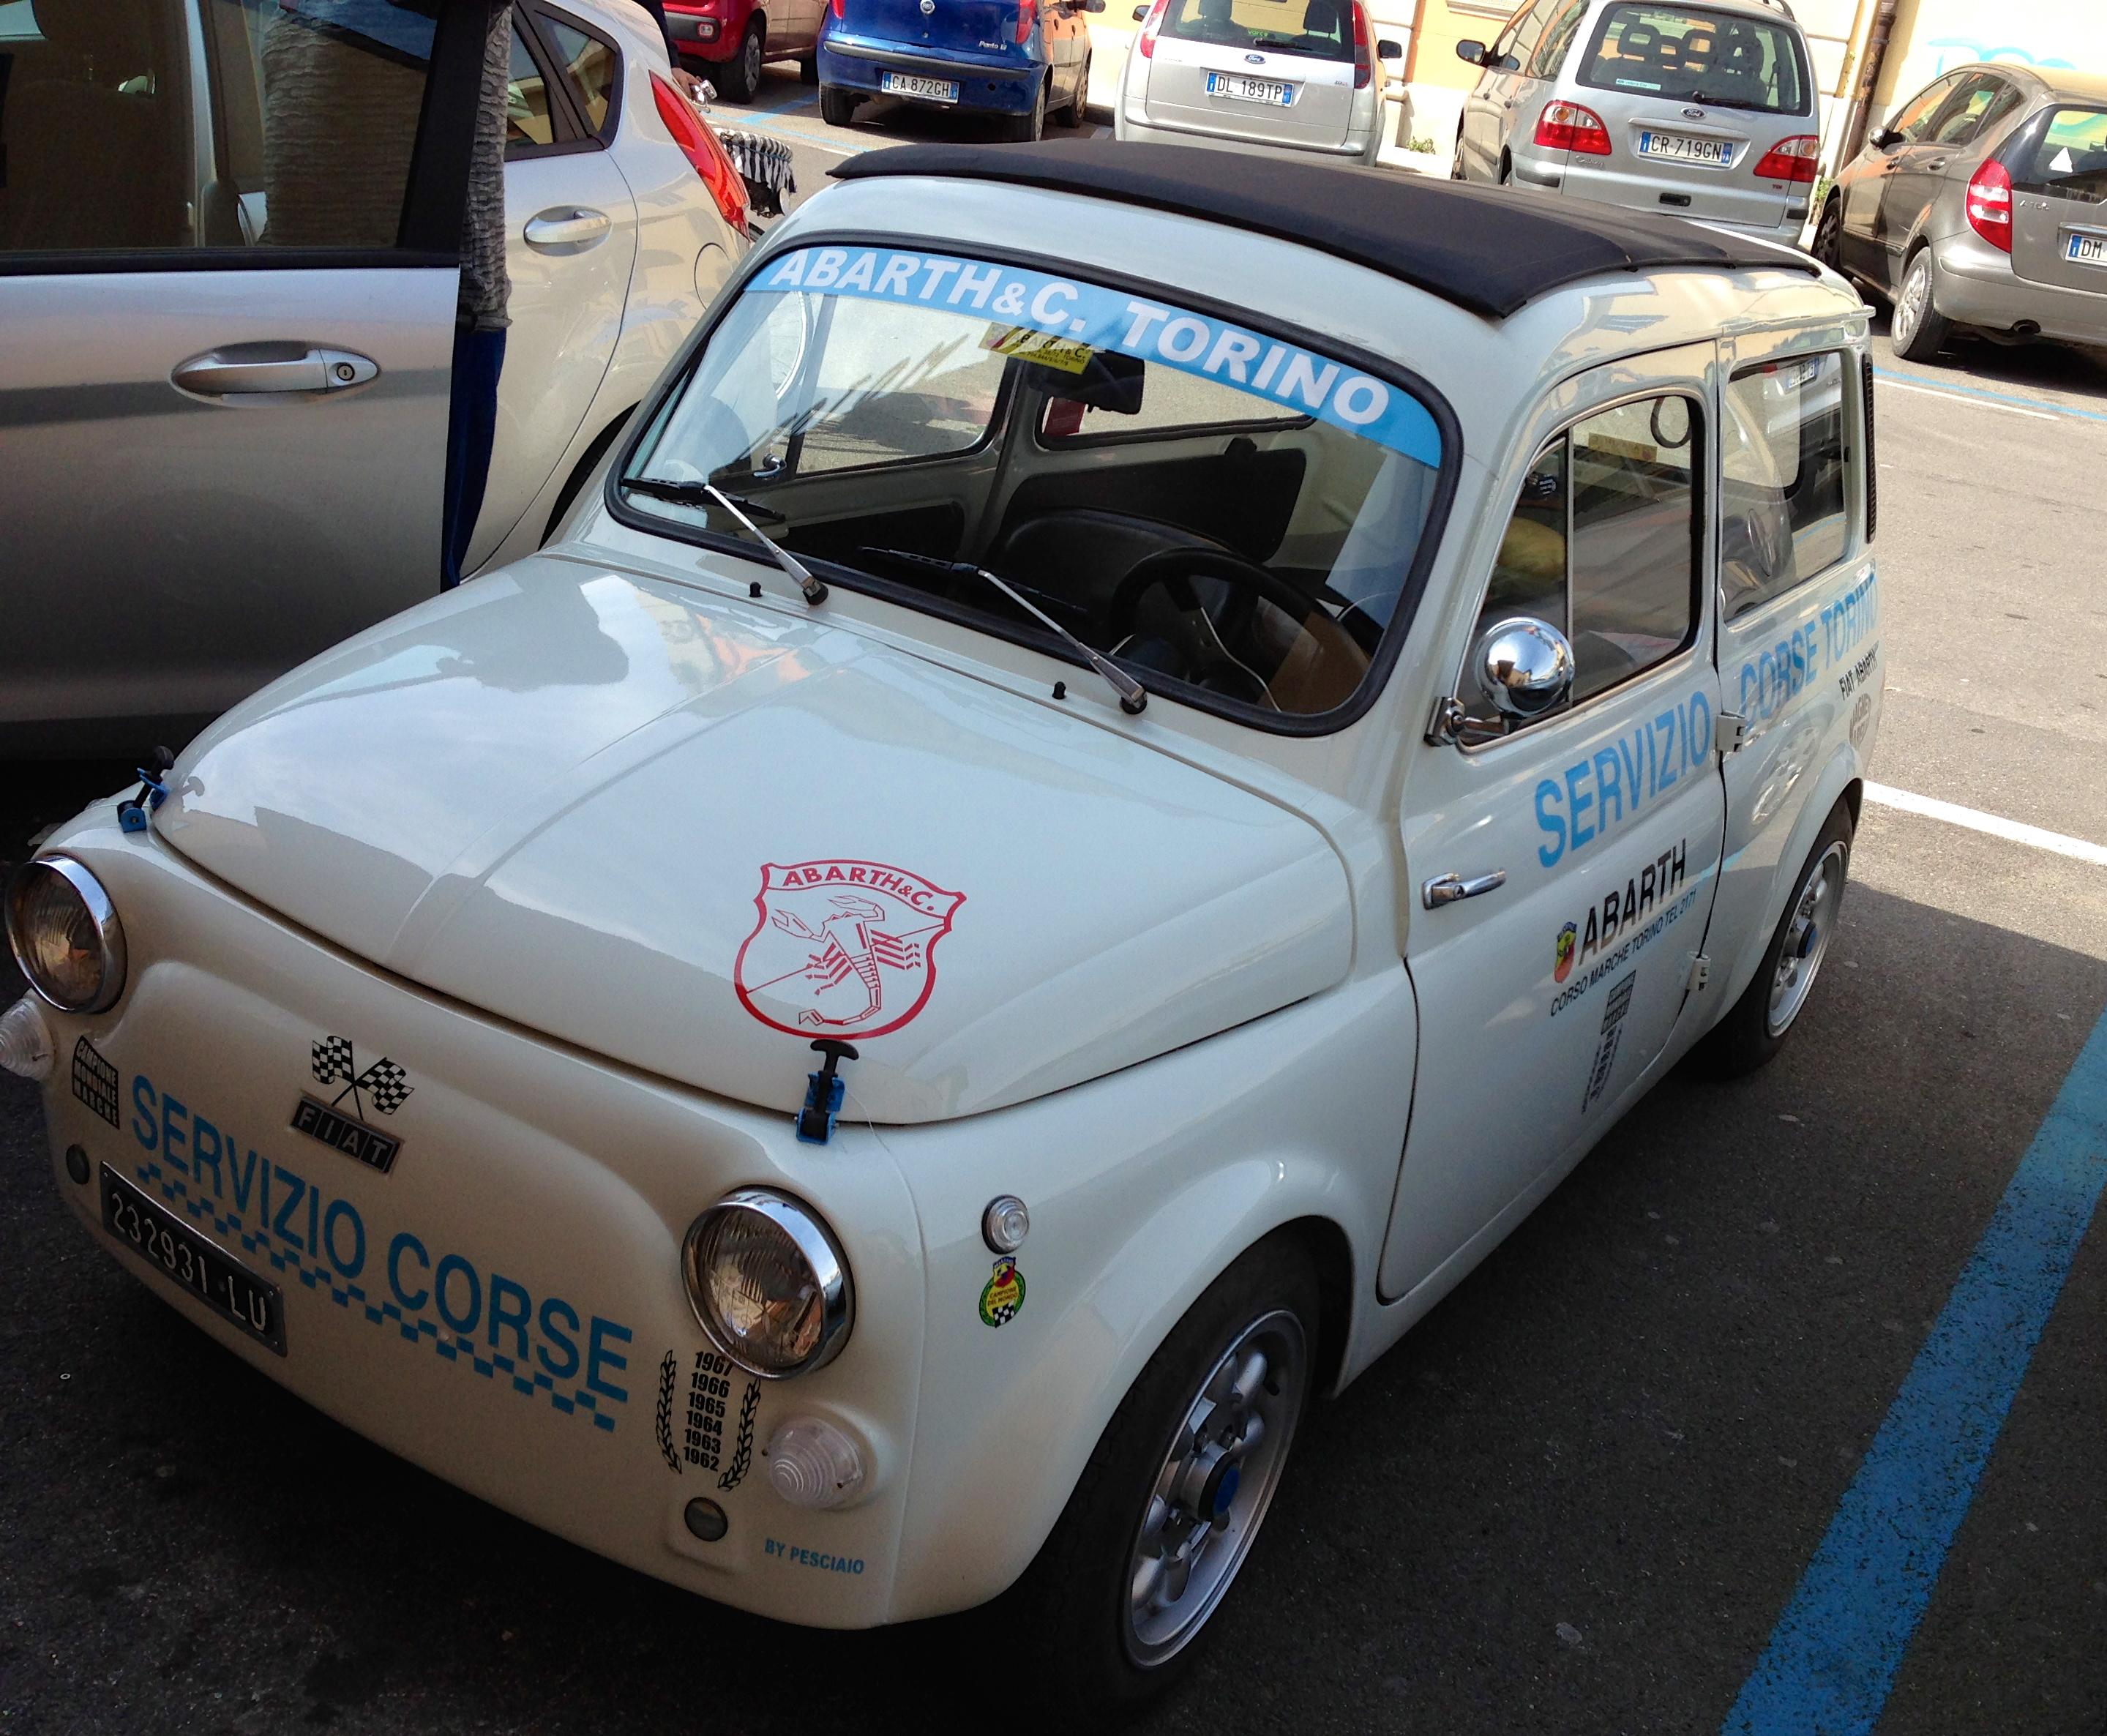 car in Italy